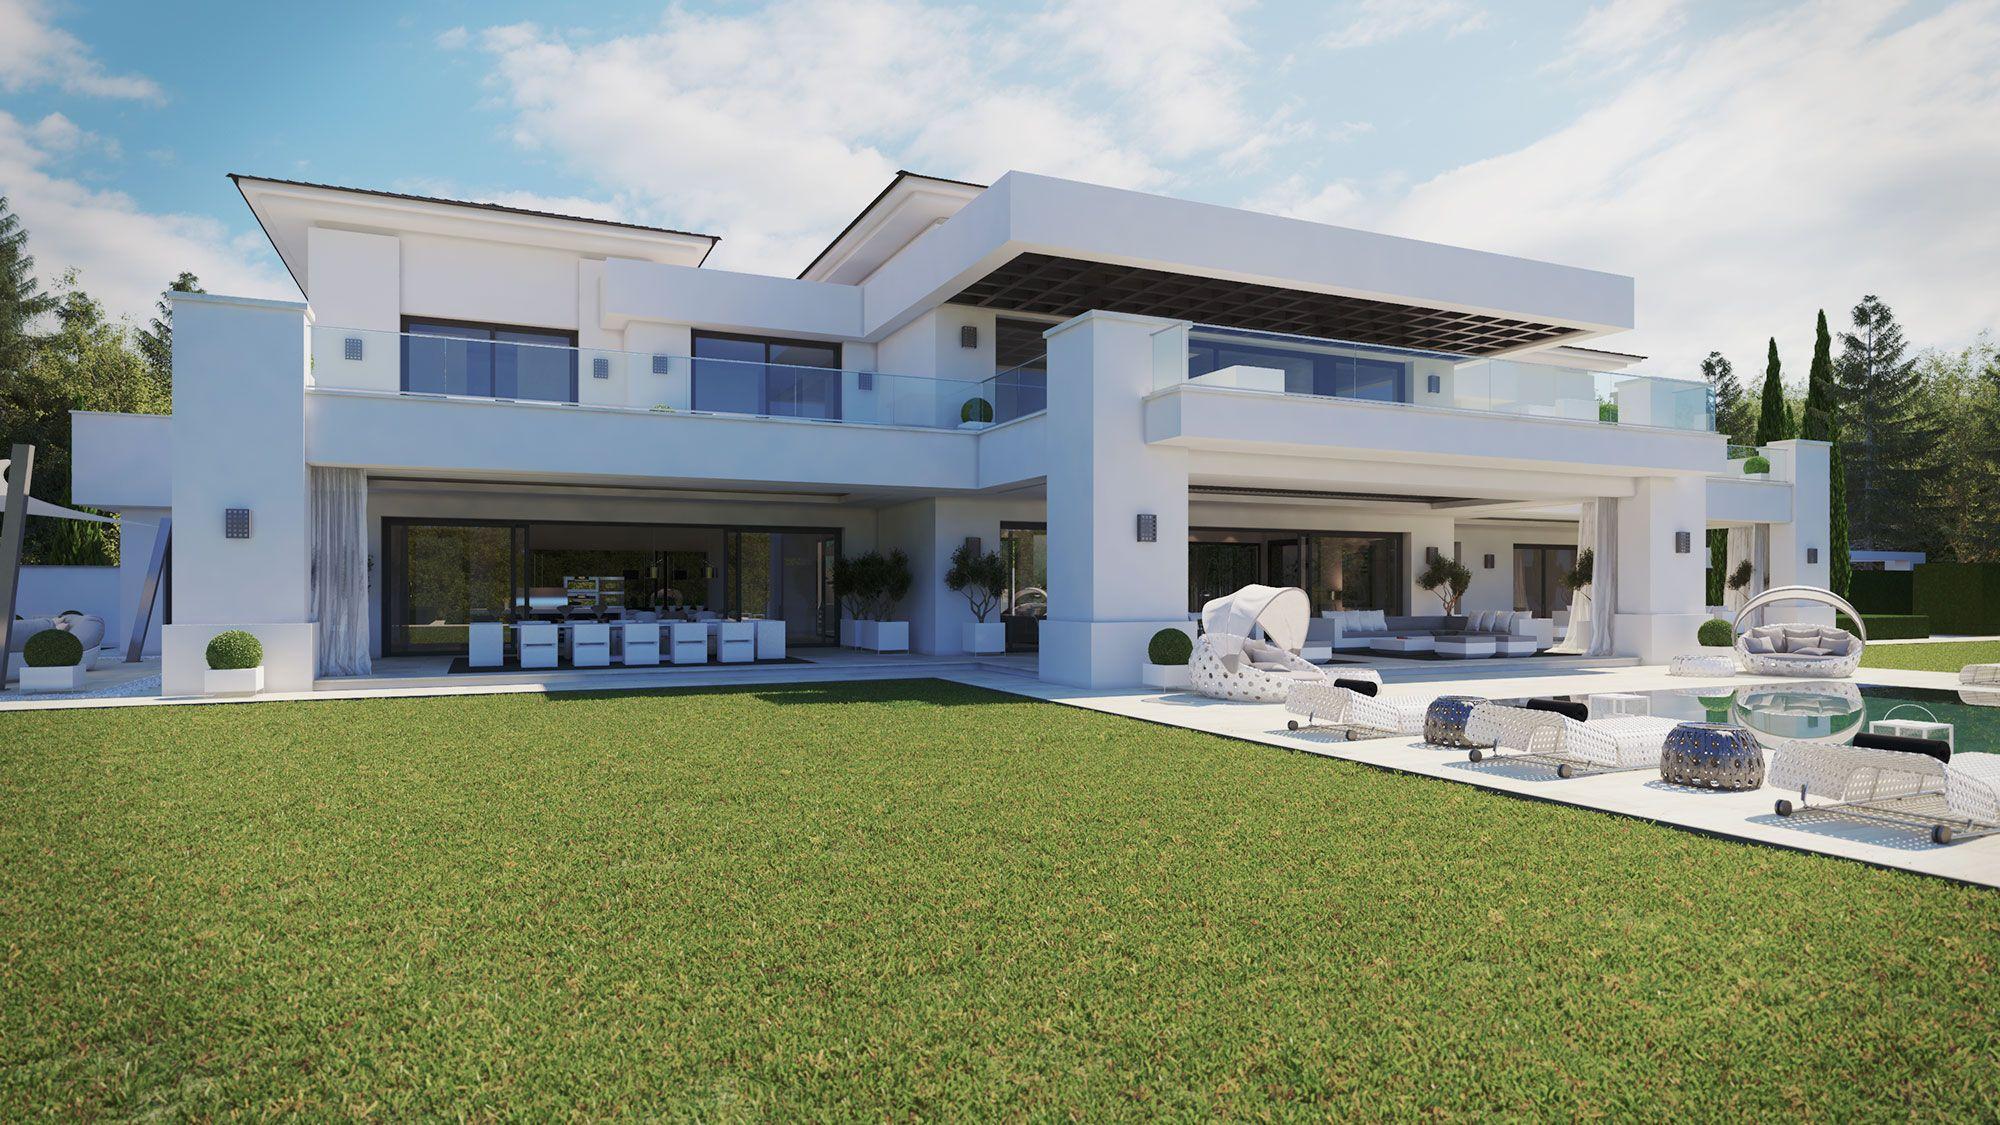 Ark Arquitectos Espana Donana Casas Multifamiliares Casas Modernas Entrada De Casas Modernas